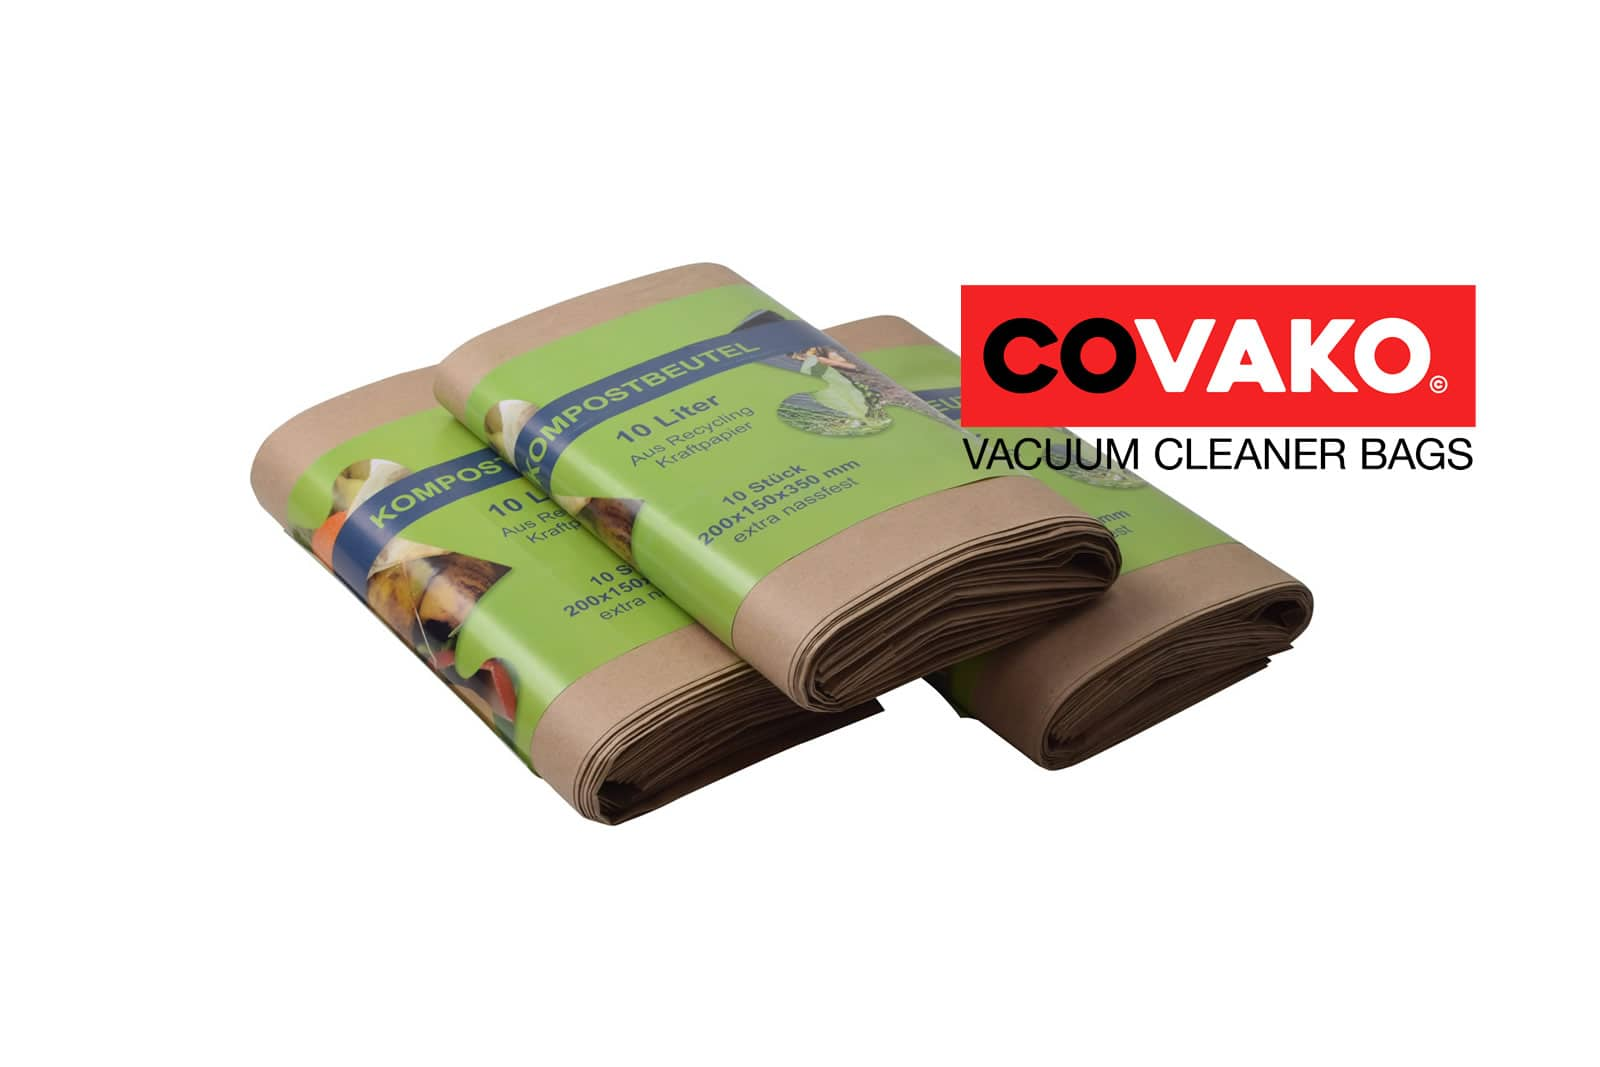 Biomüllbeutel kompostierbar / Onderdeel - Biomüllbeutel kompostierbarStaubsaugerbeutel